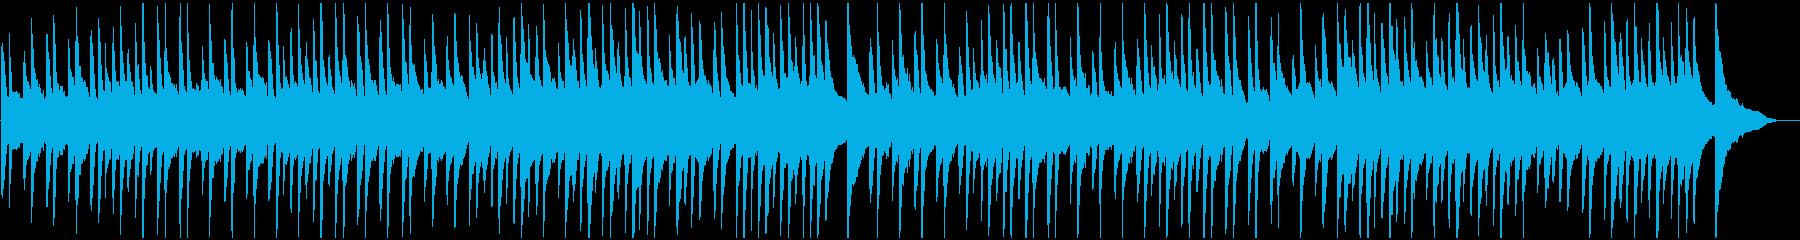 ★サティ★ジムノペディ第1番★ピアノ★Dの再生済みの波形